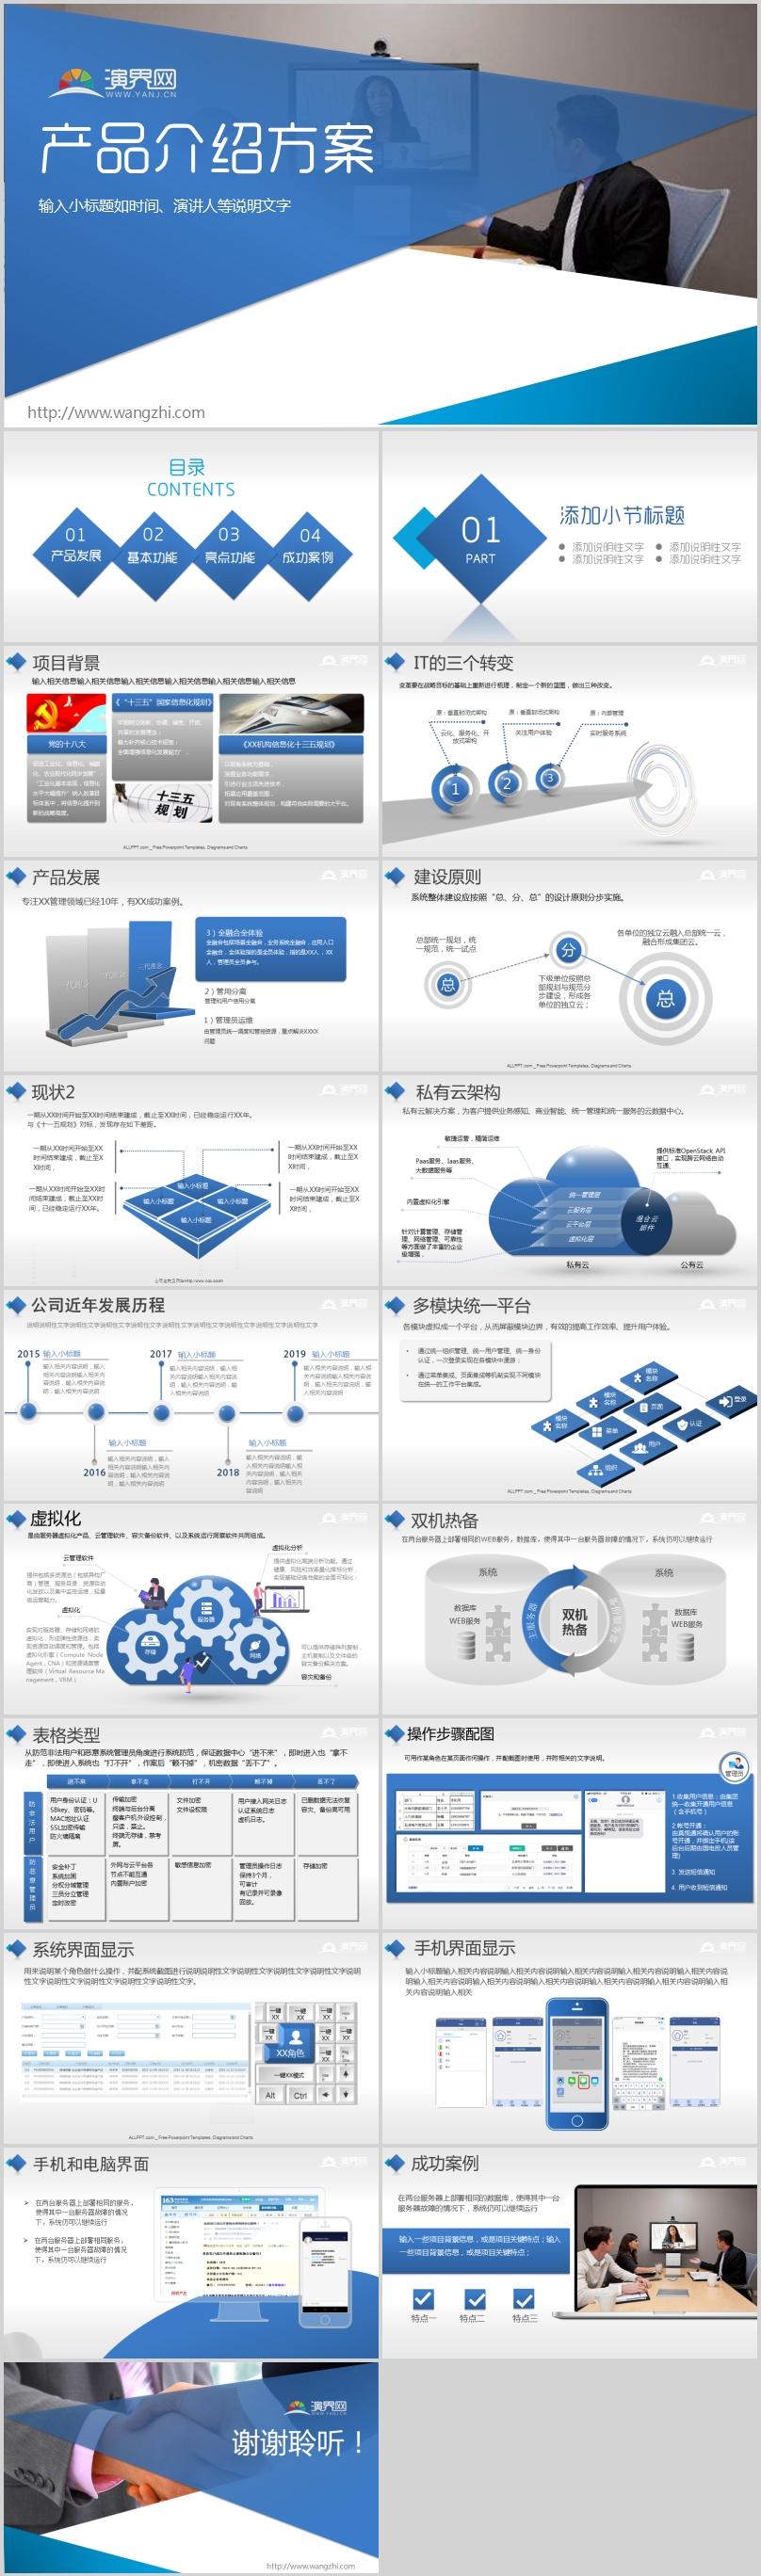 IT-方案汇报模板